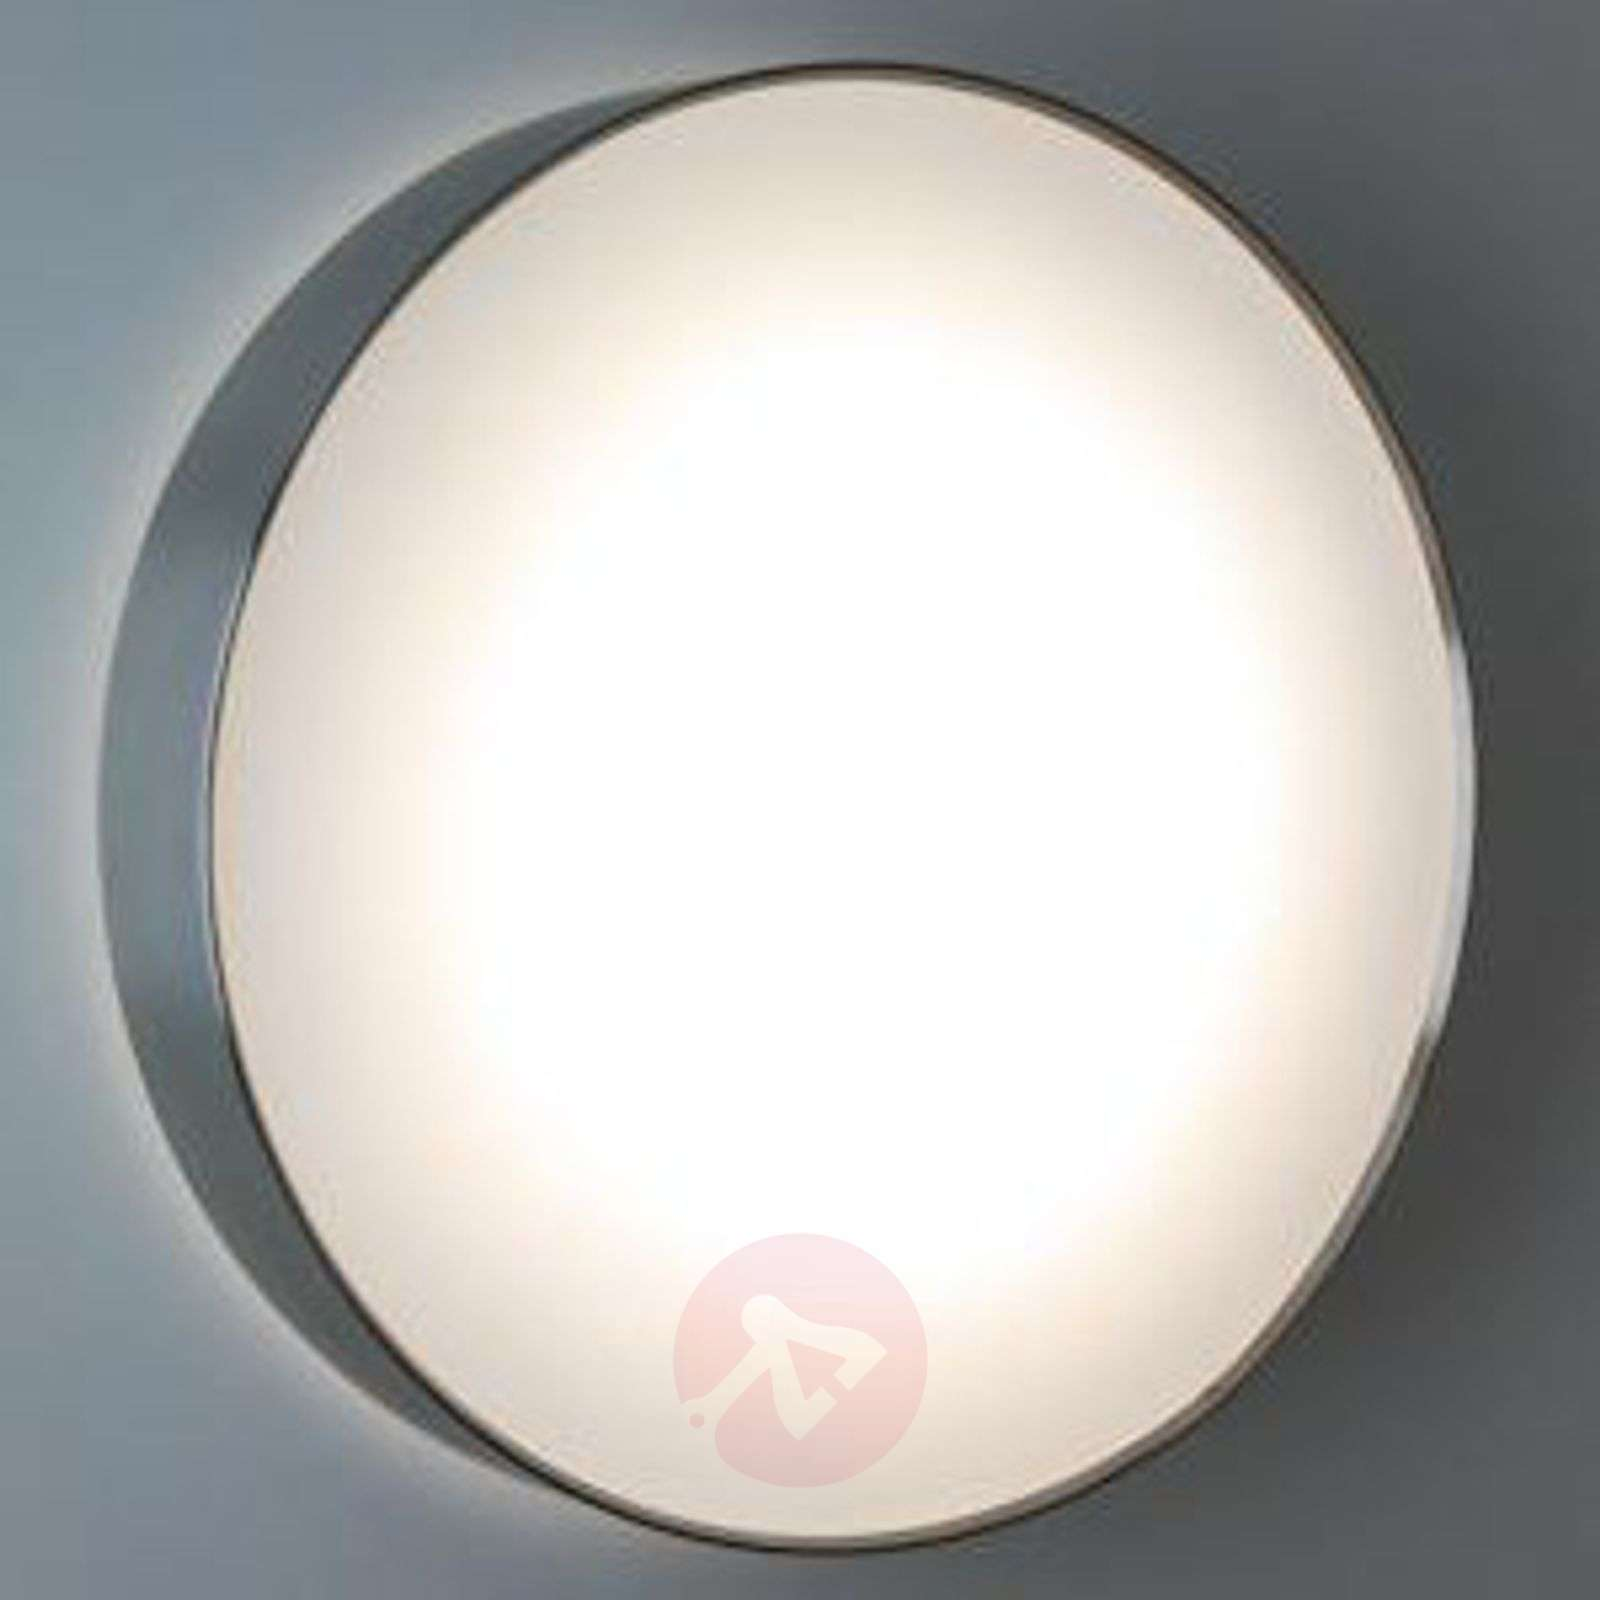 Ruostumaton LED-valaisin SUN 4 13W tunnistimella-1018196-02